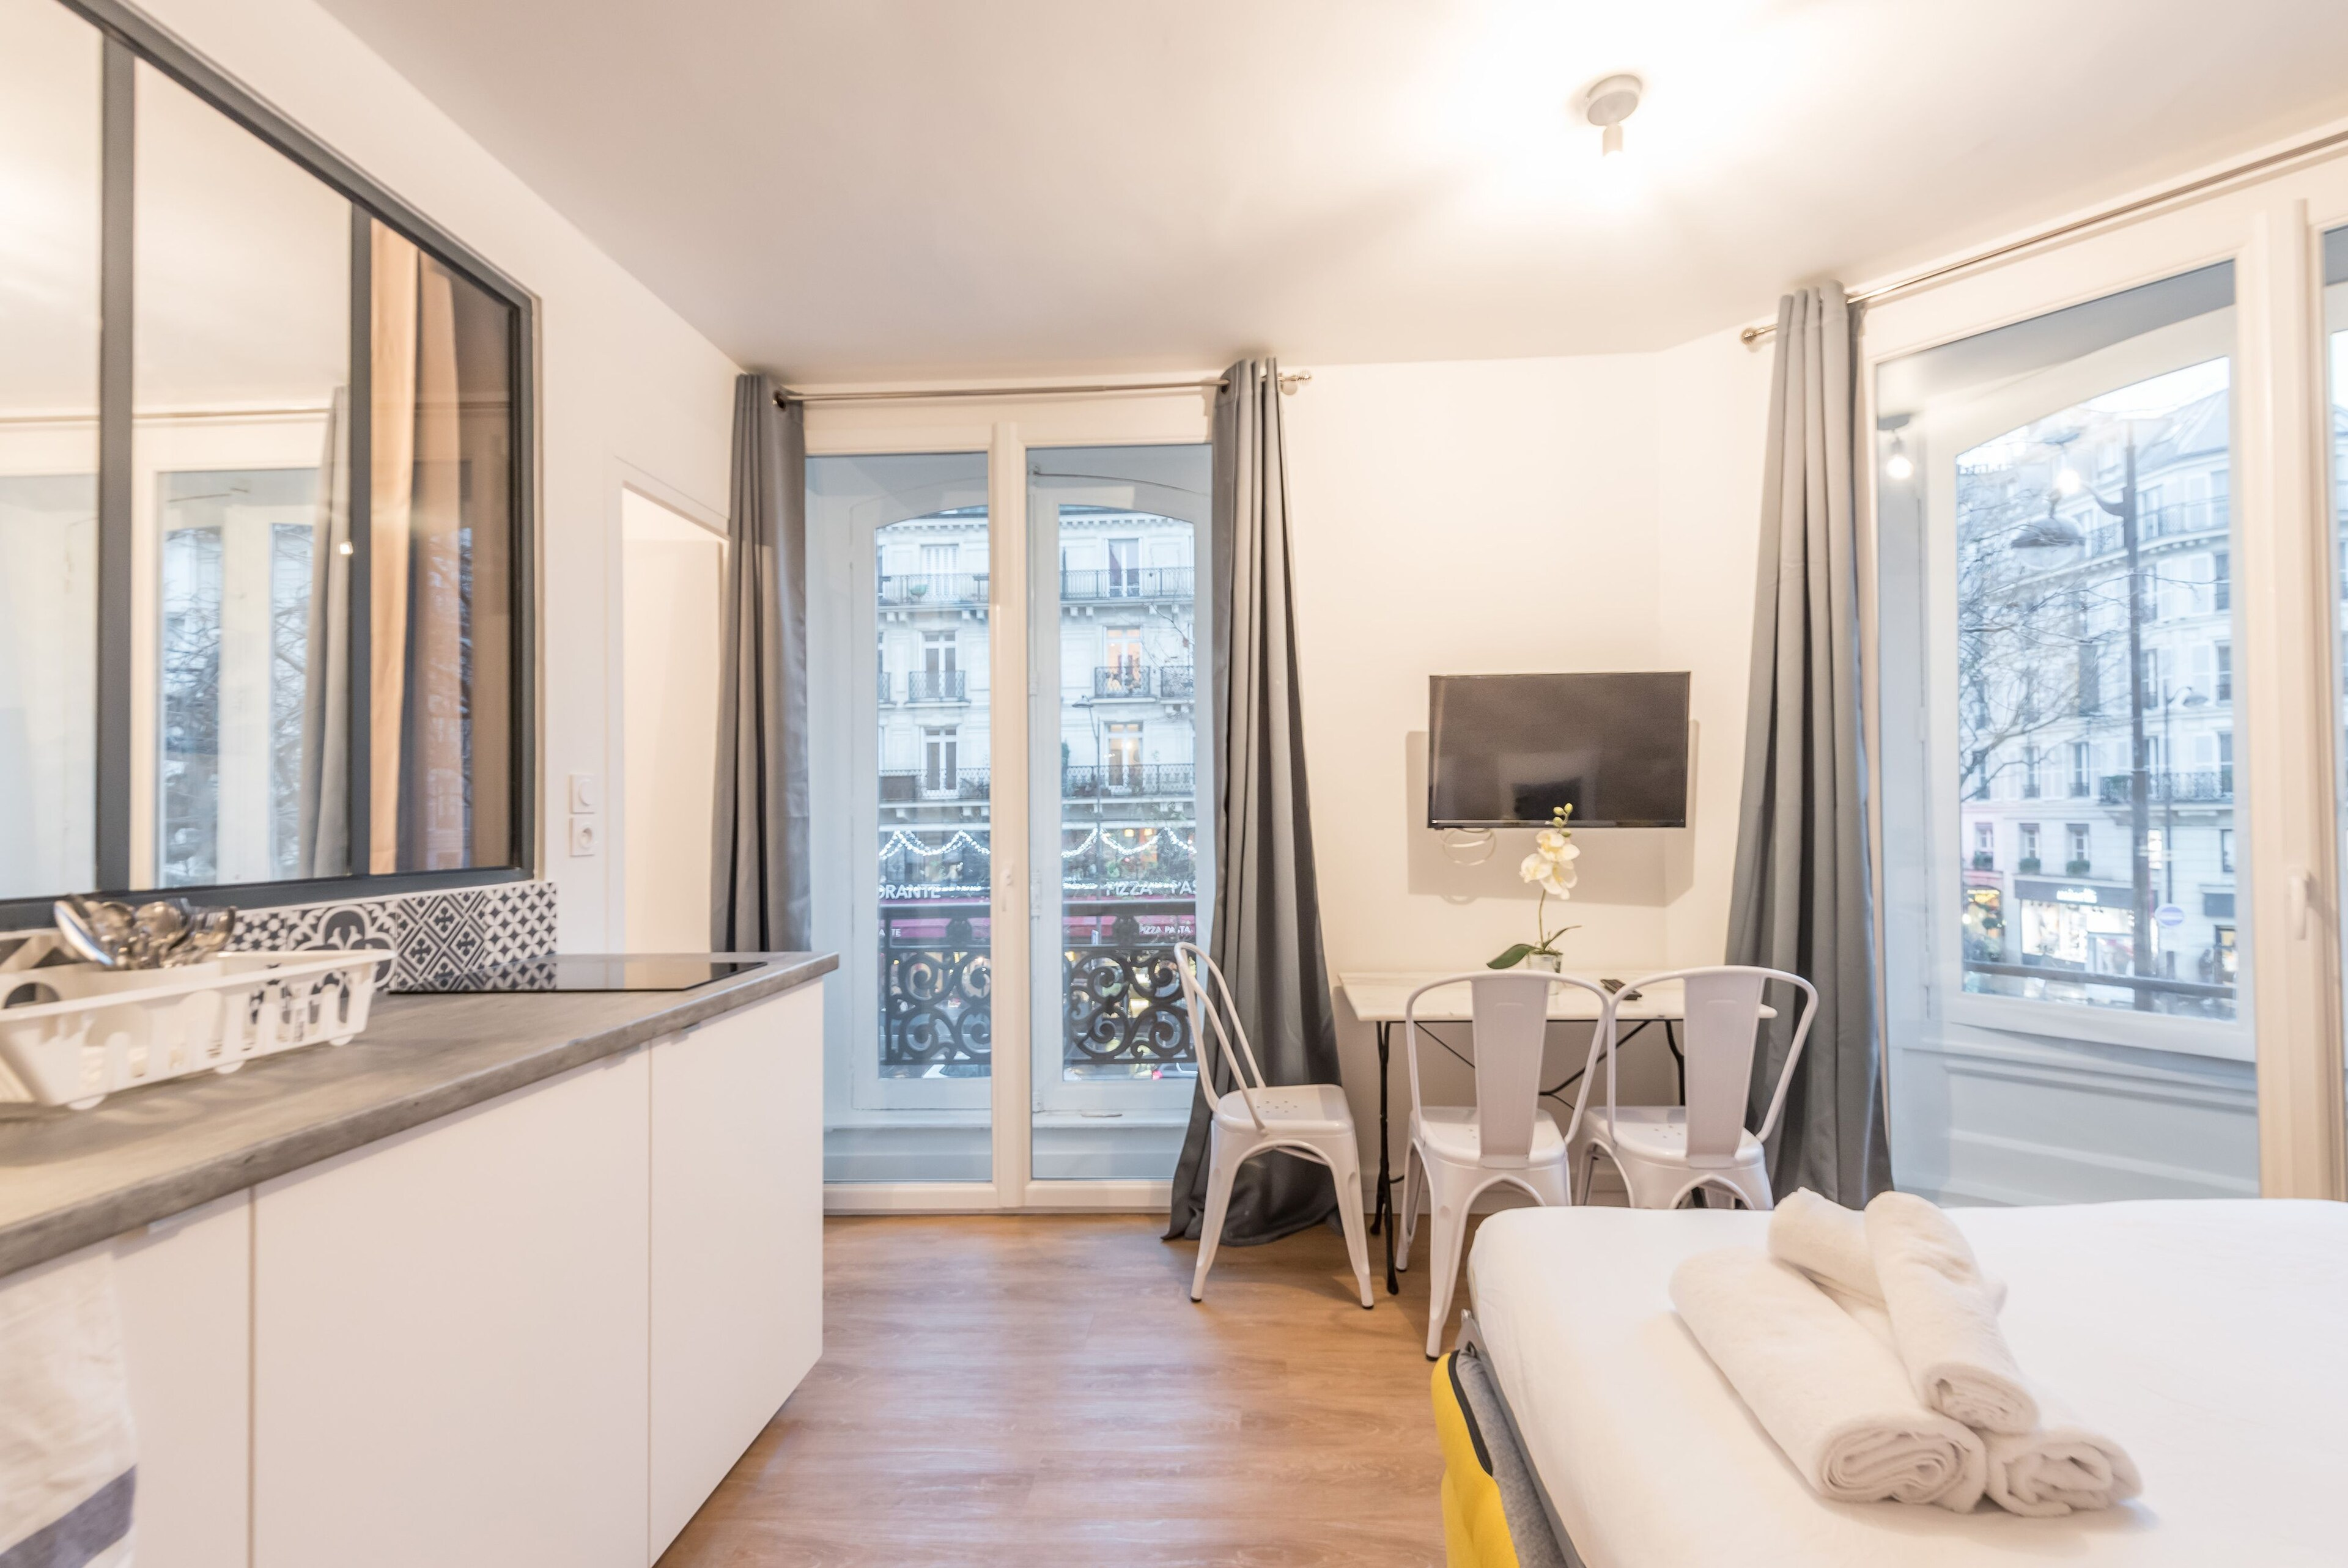 Apartment Ws St Germain - Quartier Latin